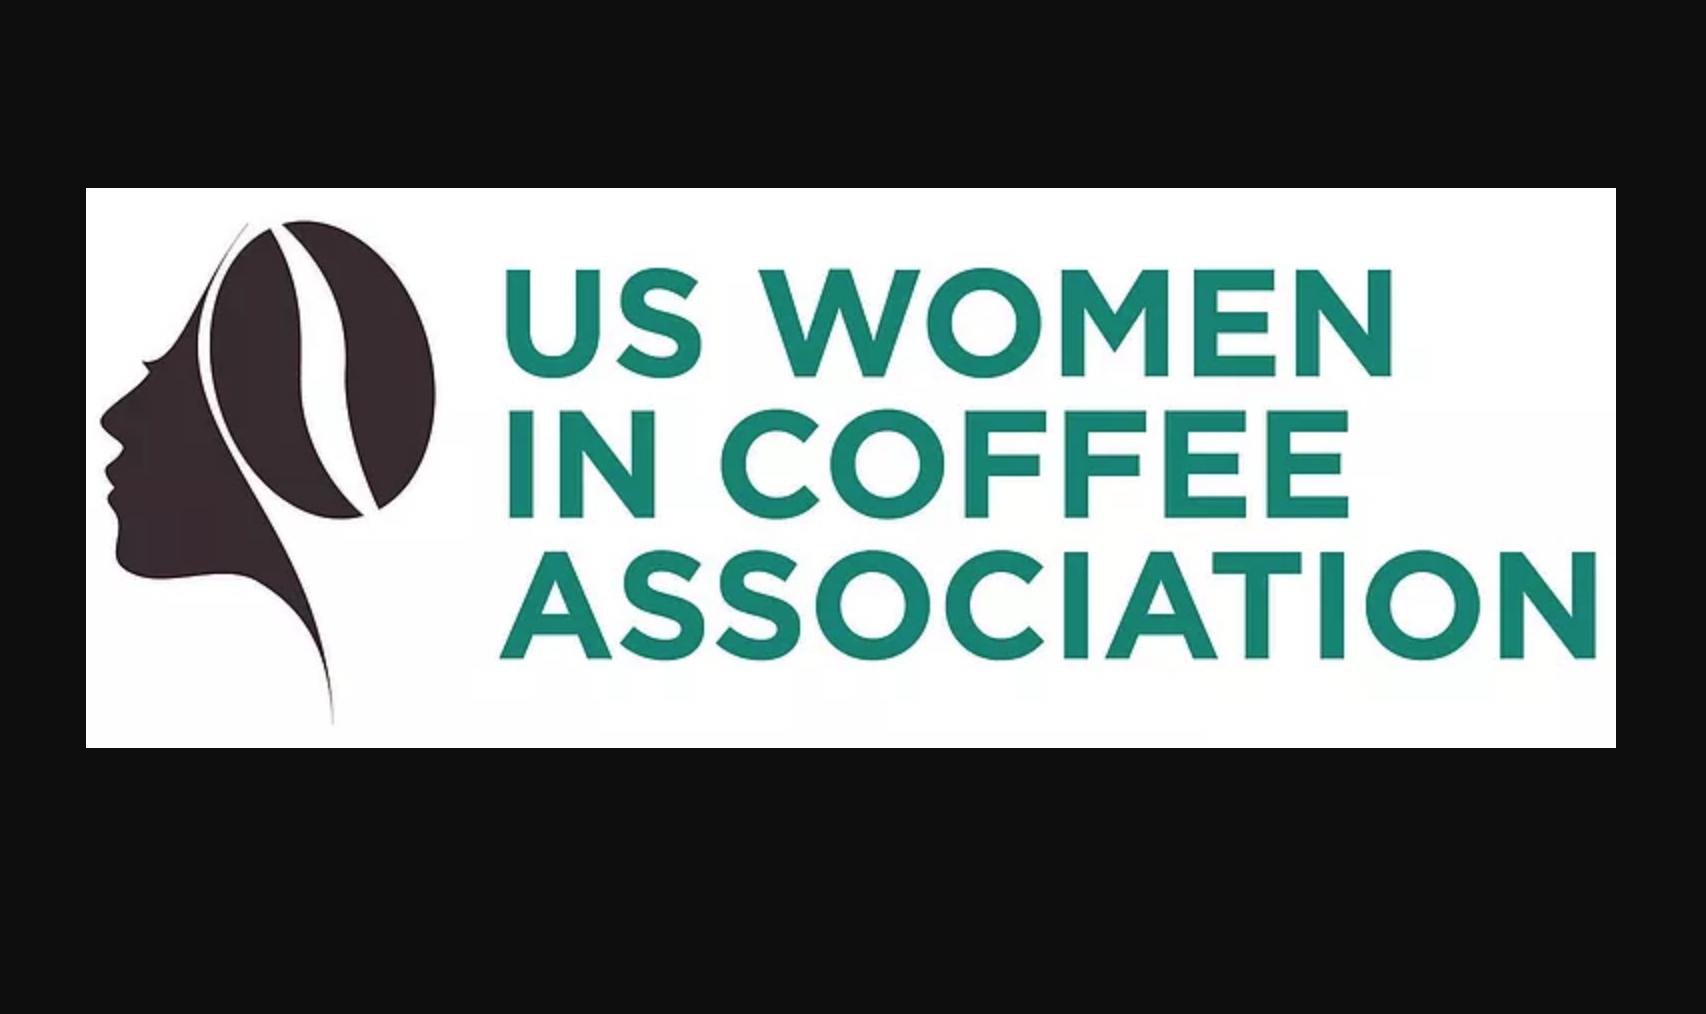 US-Women-in-Coffee-Association-USWIC.jpg